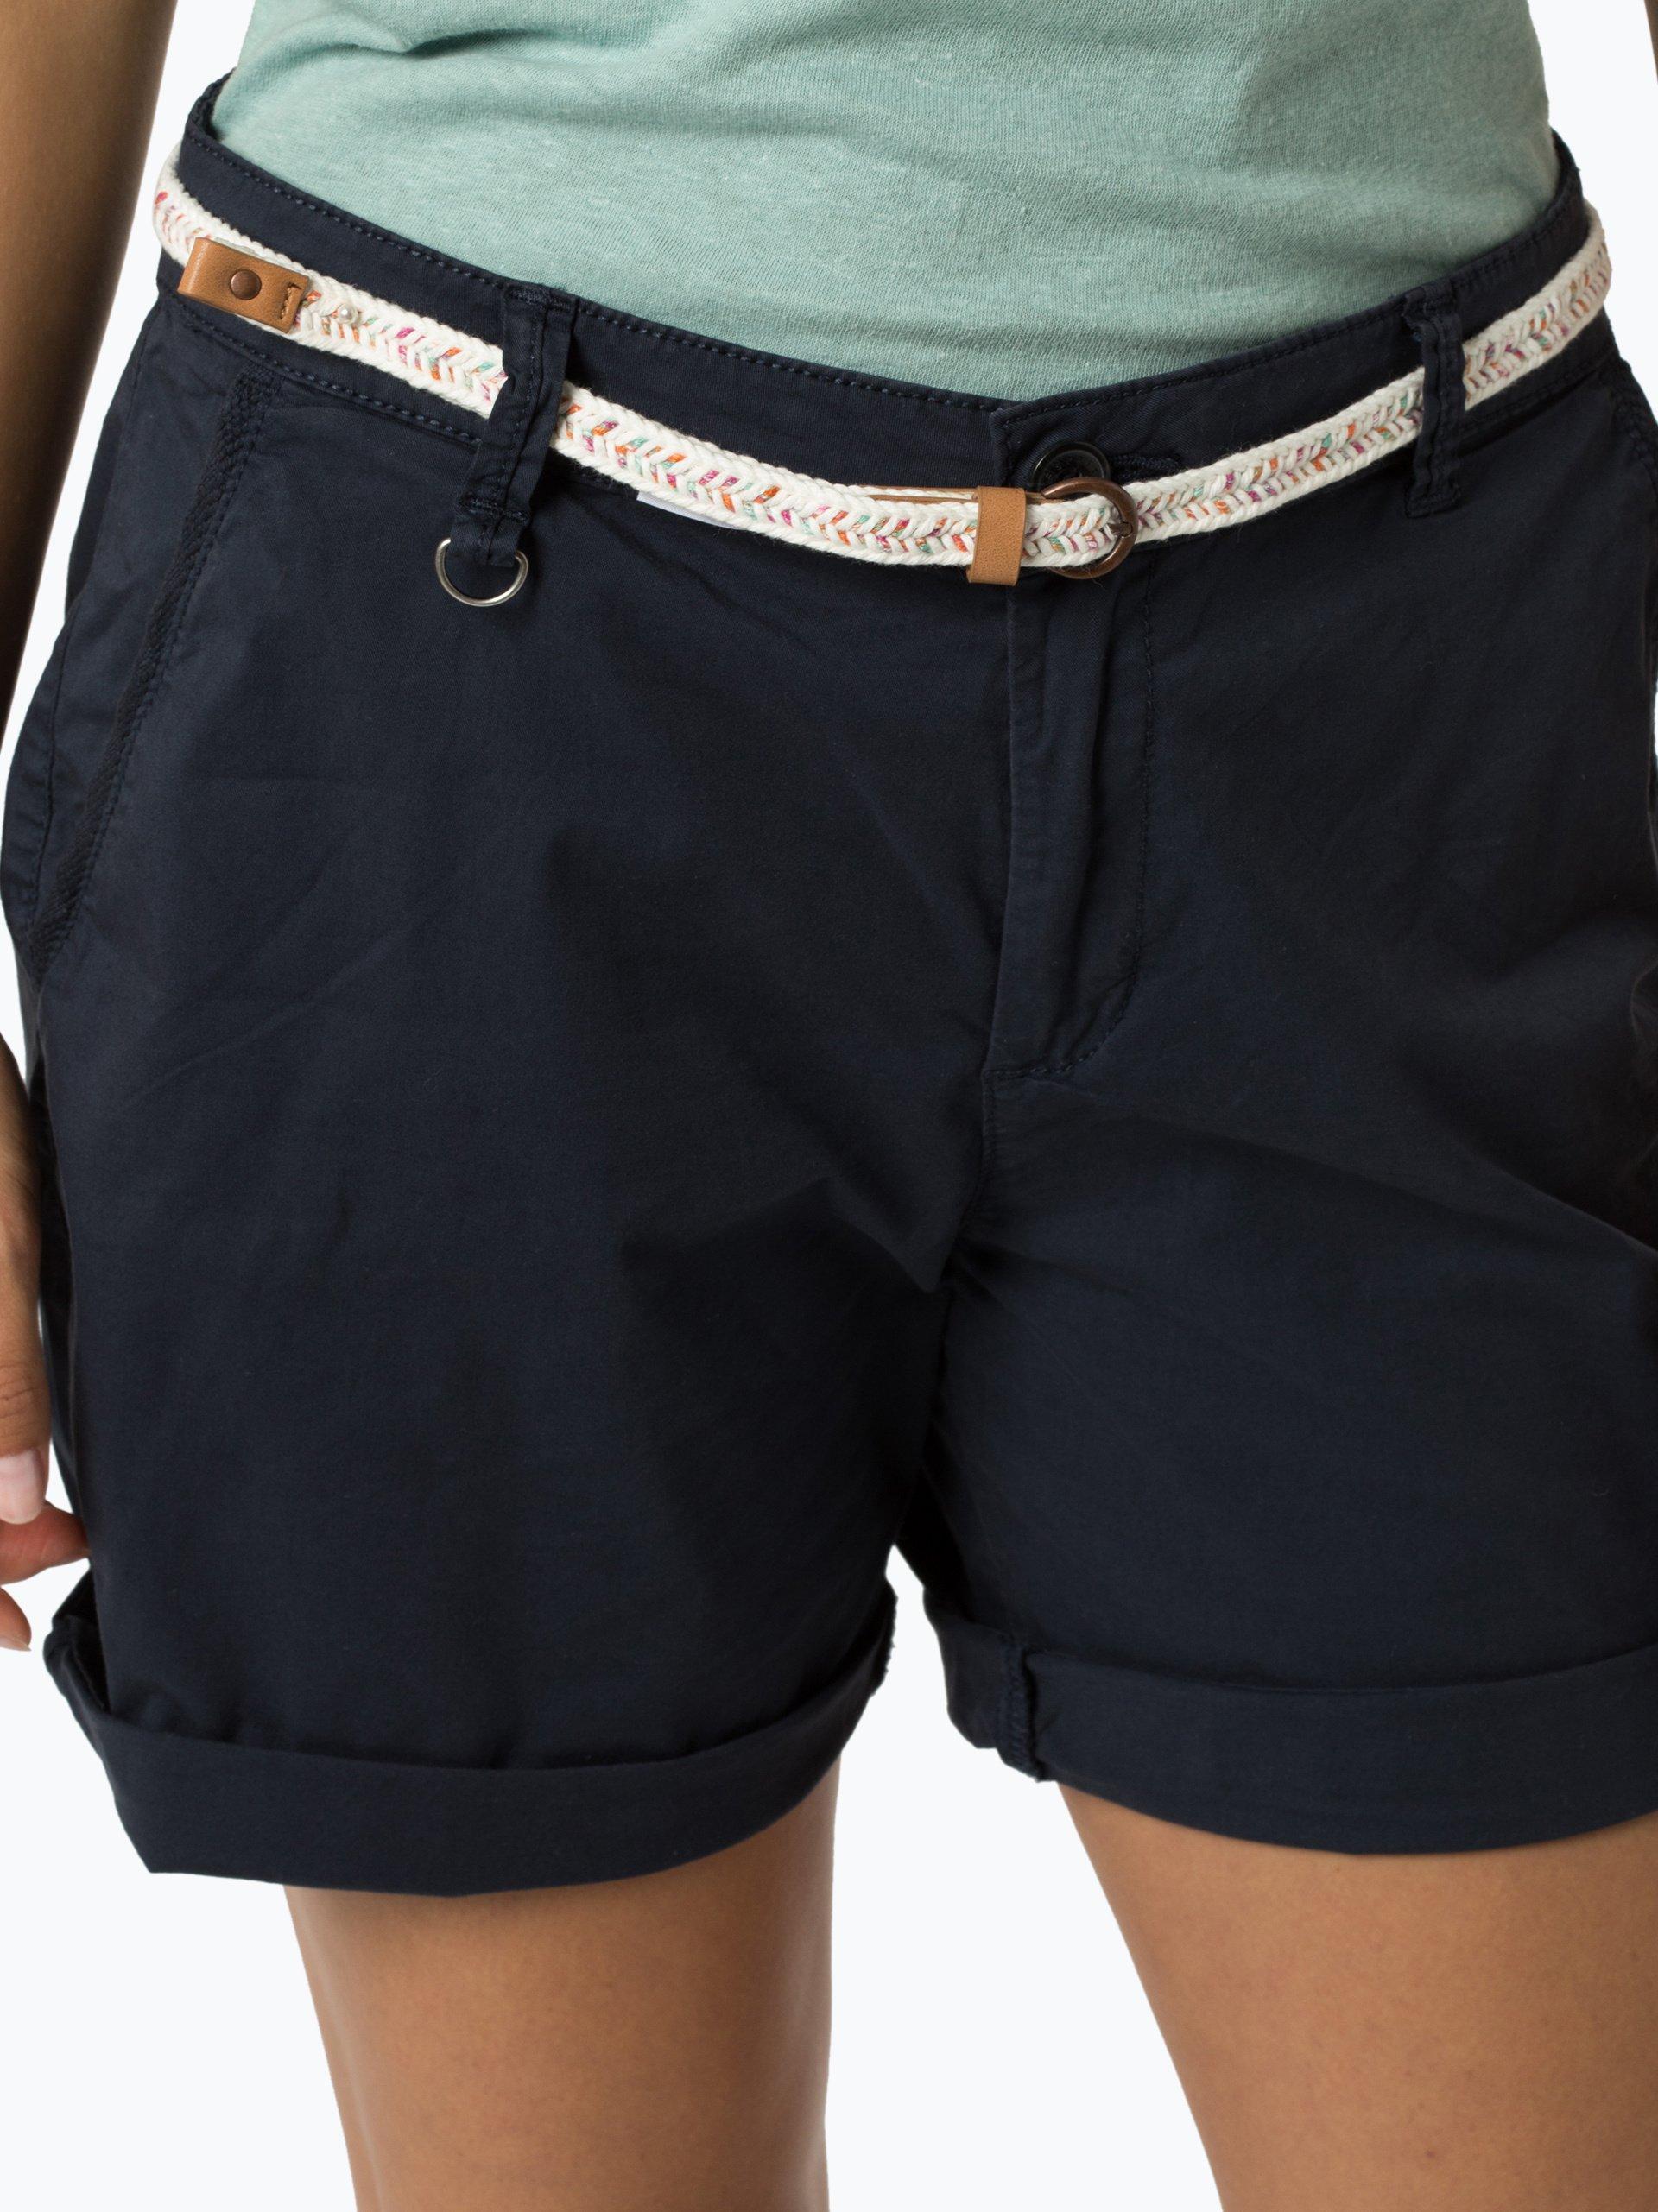 Esprit Casual Damen Shorts